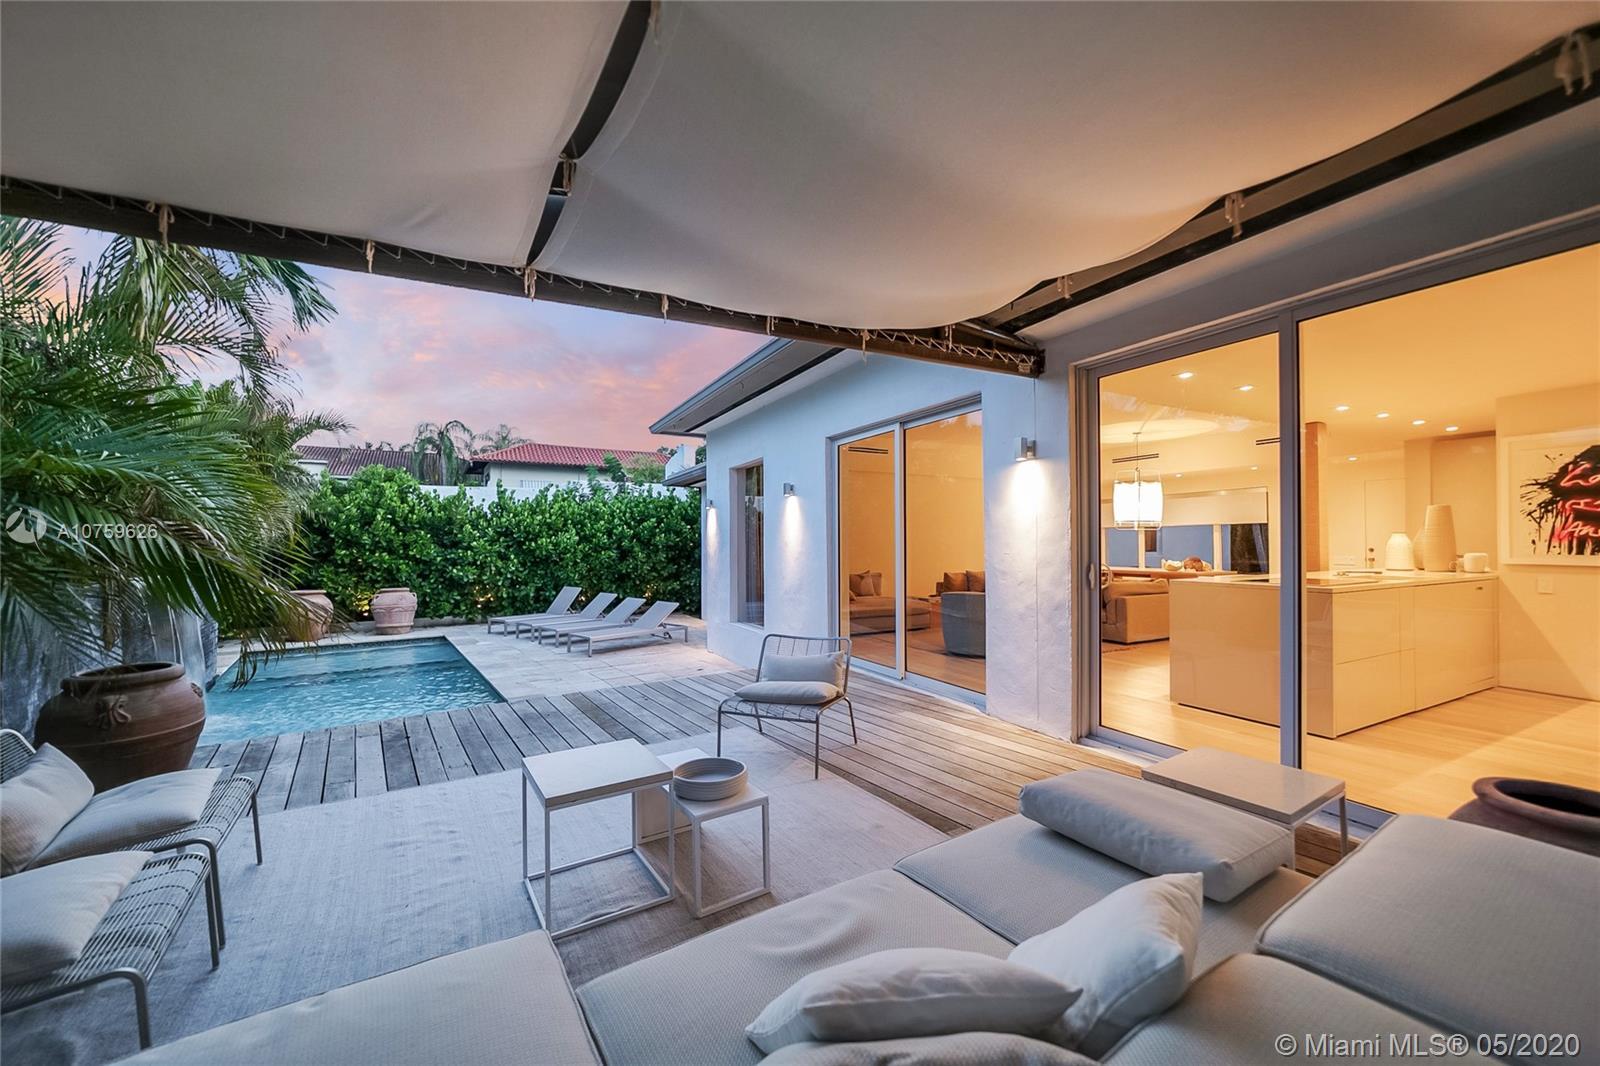 4235 N Bay Rd, Miami Beach, FL 33140